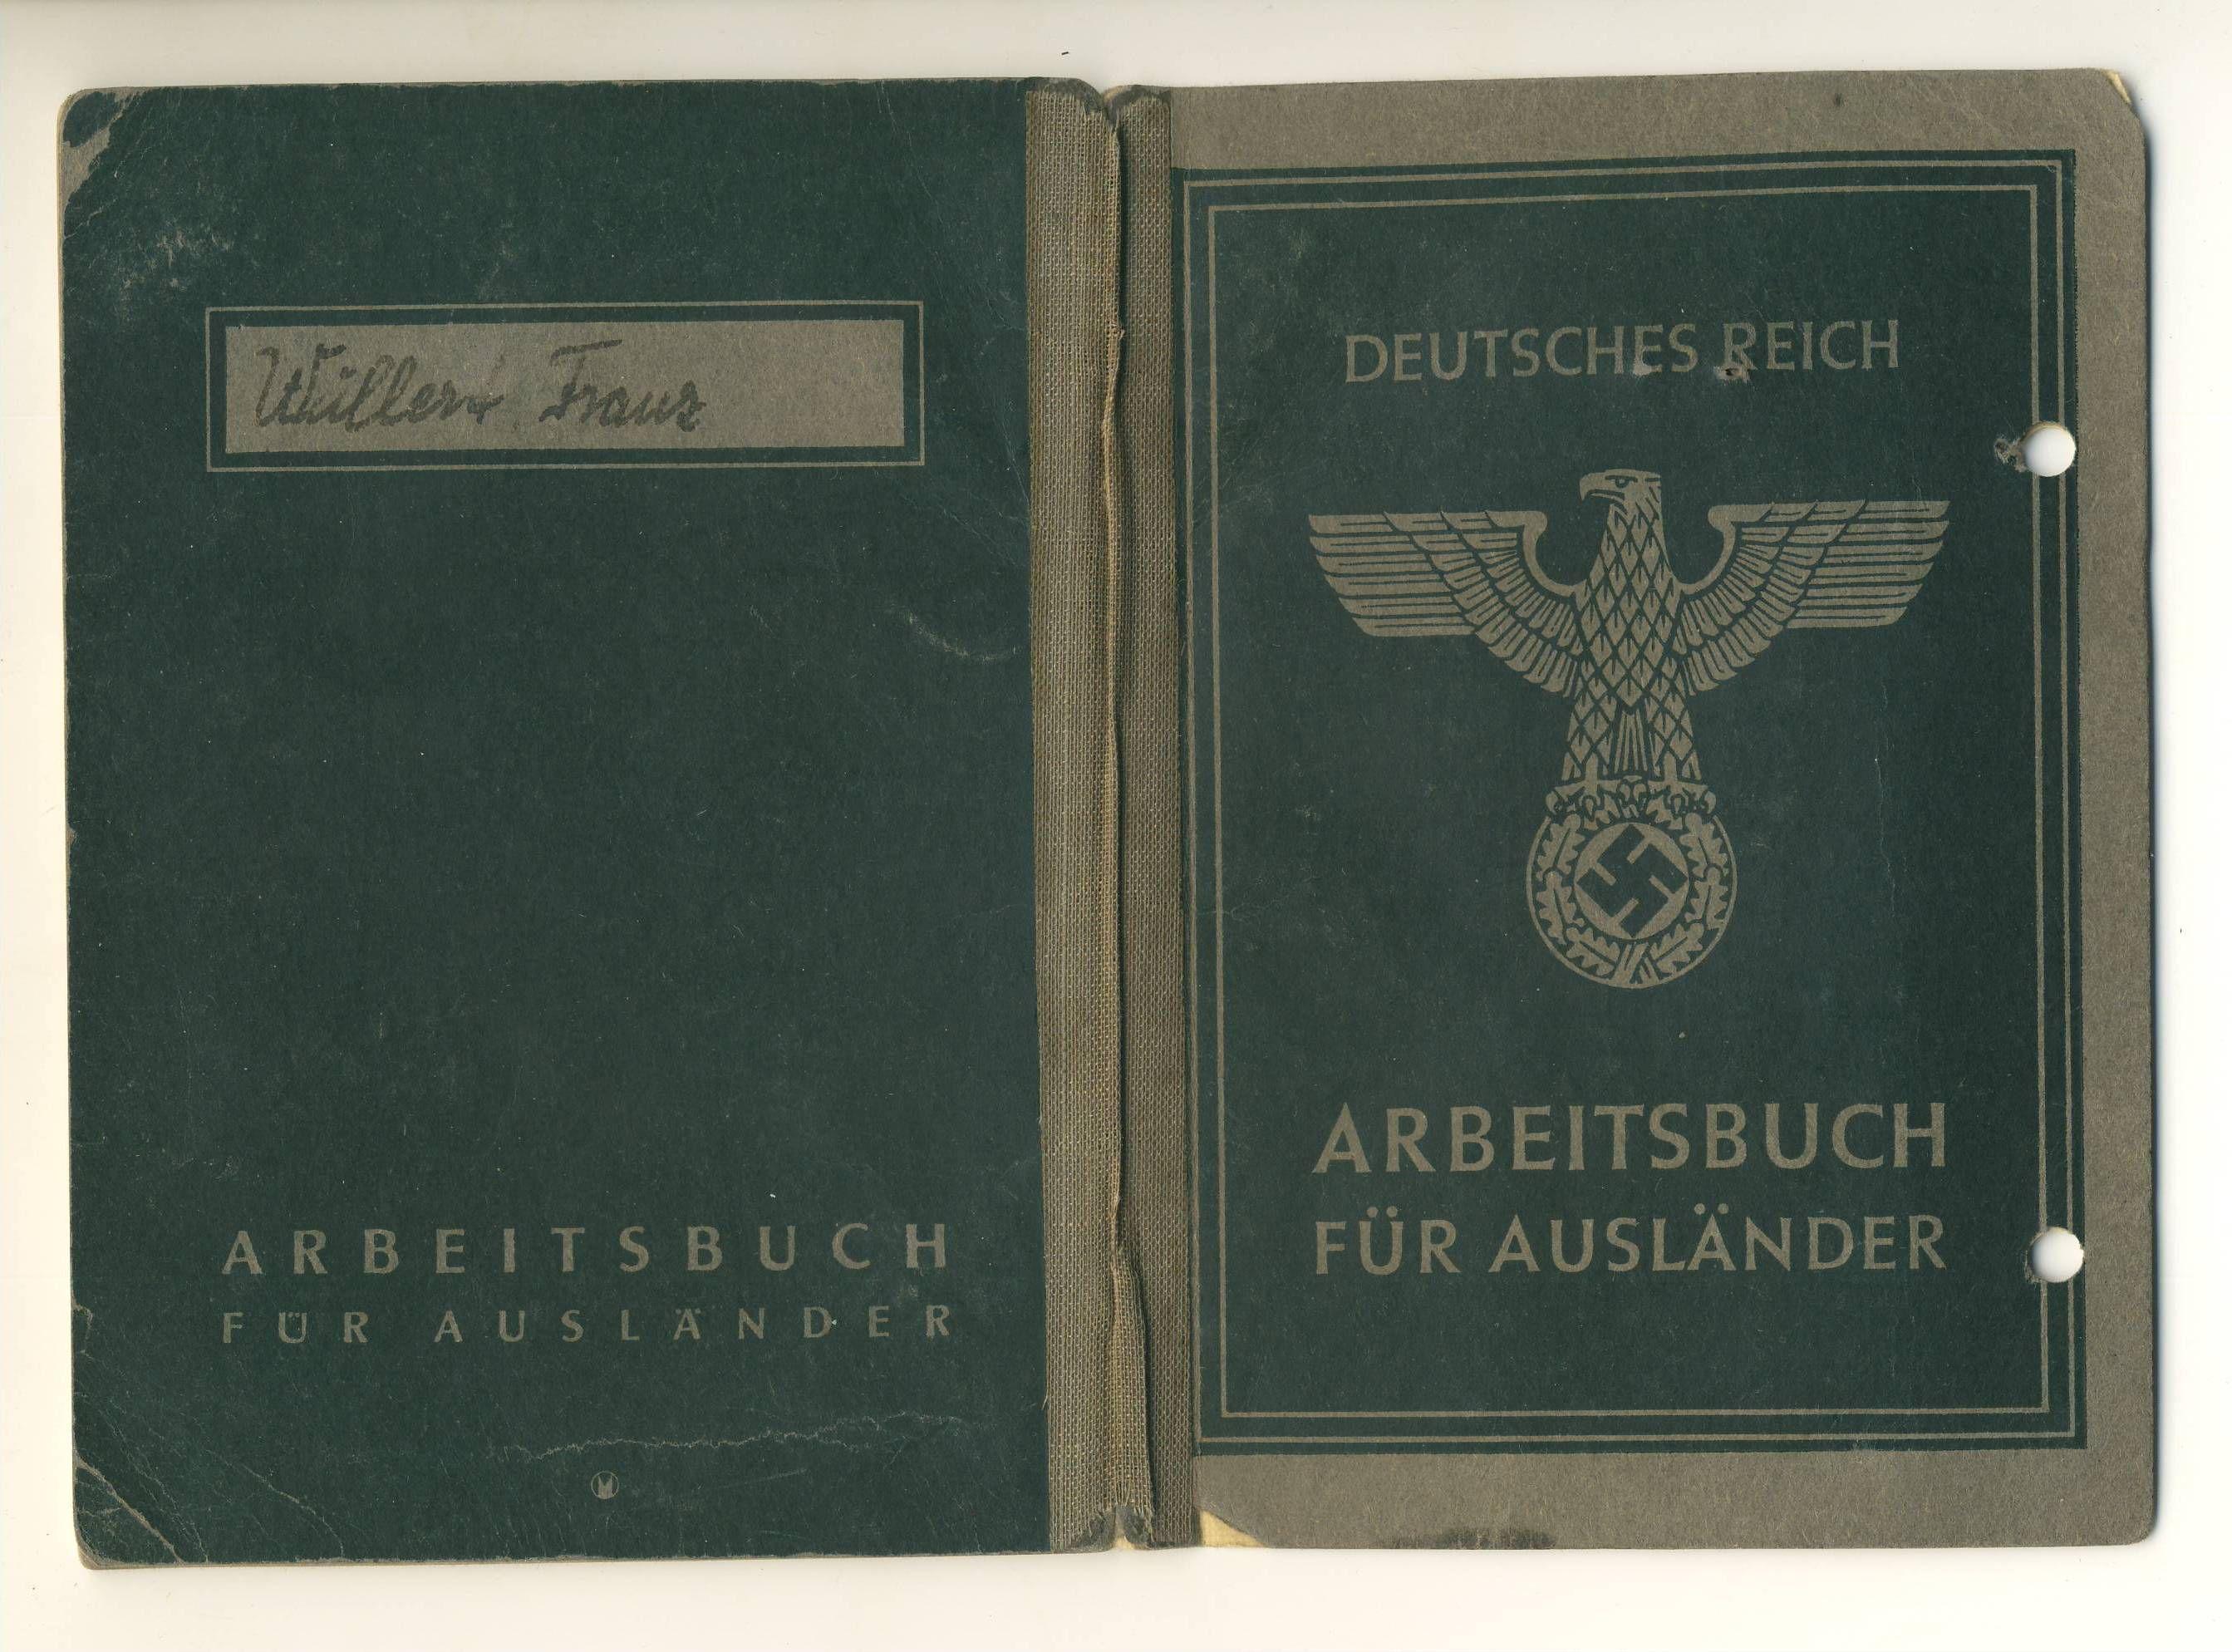 Ww2 Concentration Camp Kl Original Items